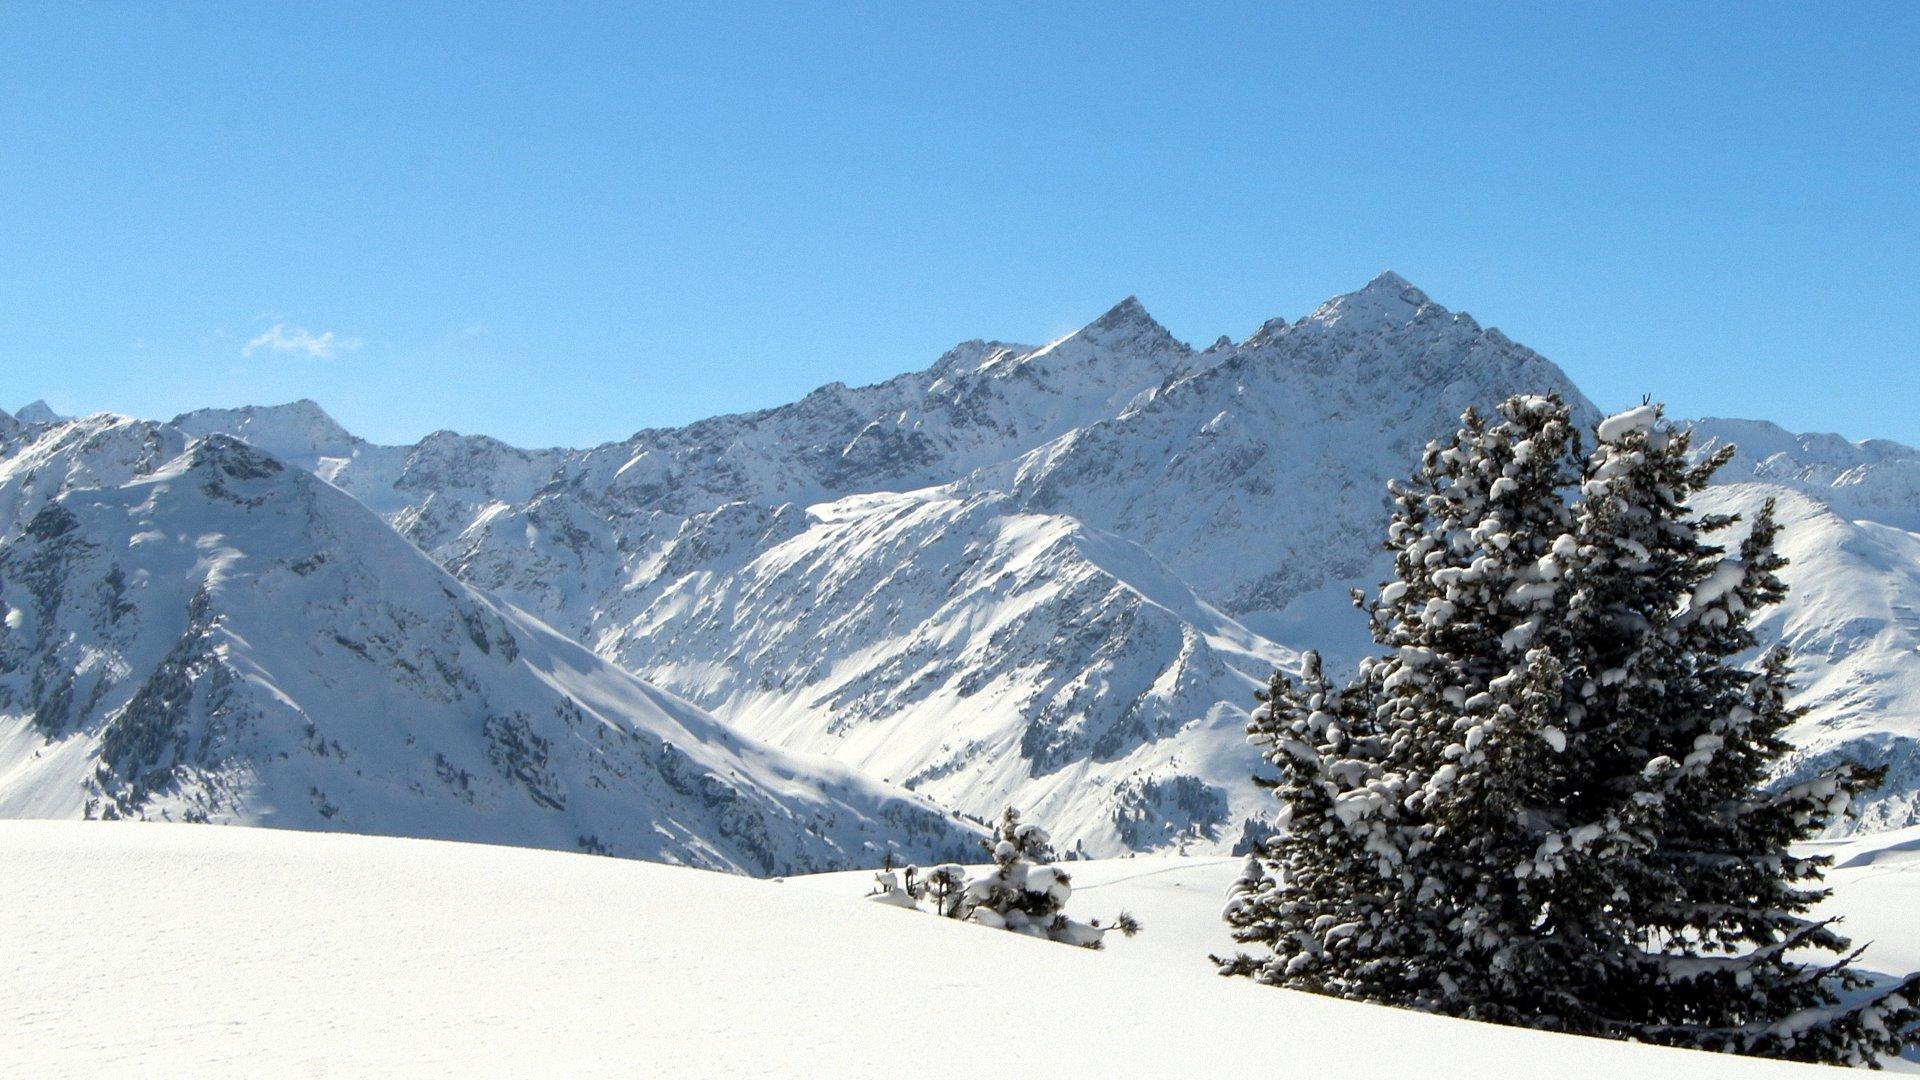 winterbilder kostenlos